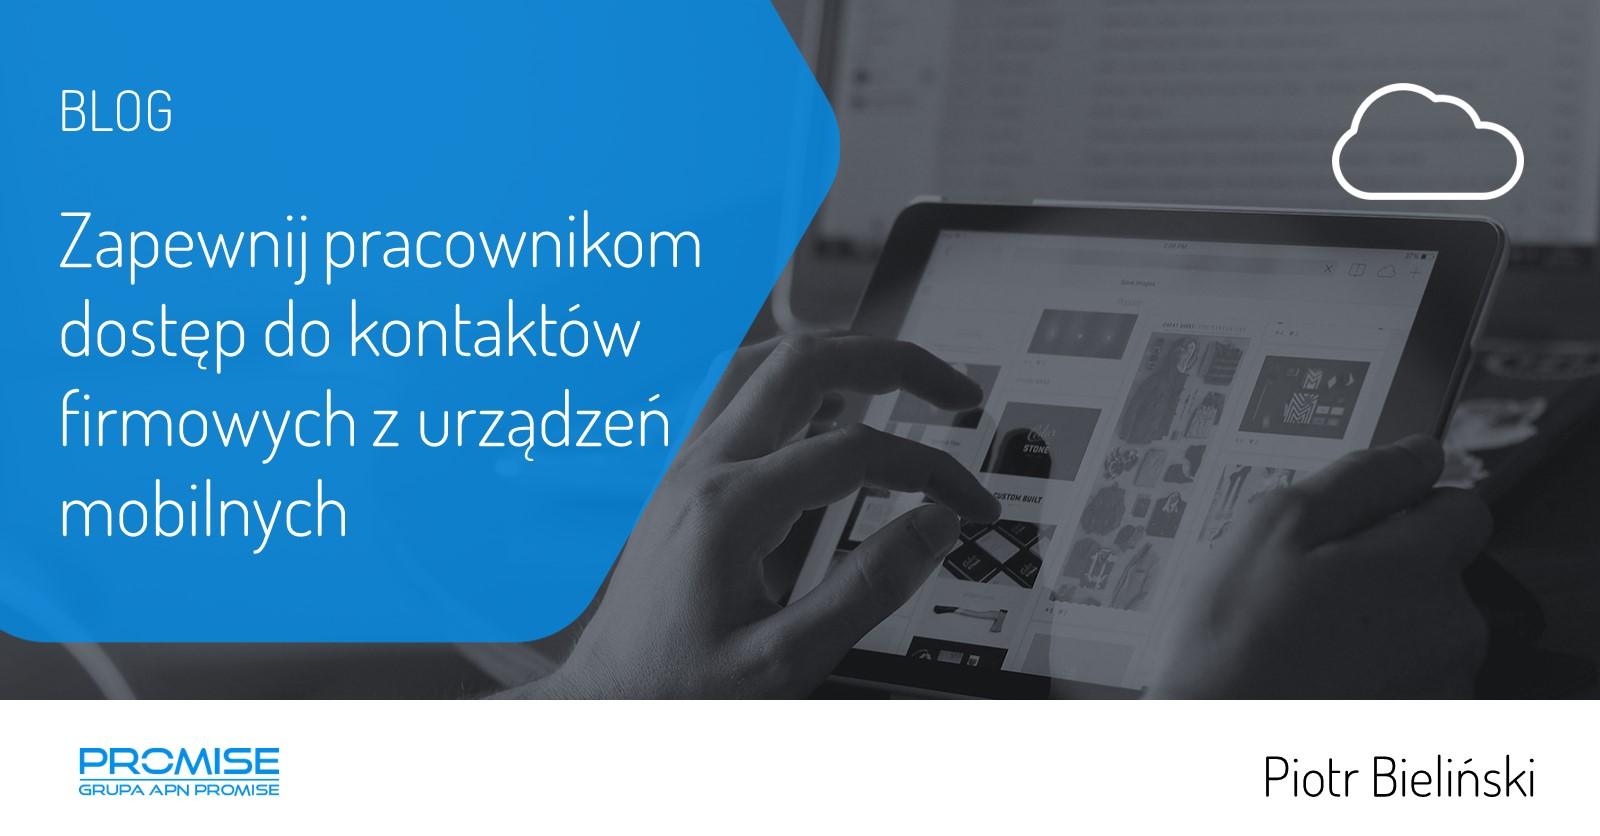 Zapewnij pracownikom dostep do kontaktow firmowych z urzadzen mobilnych